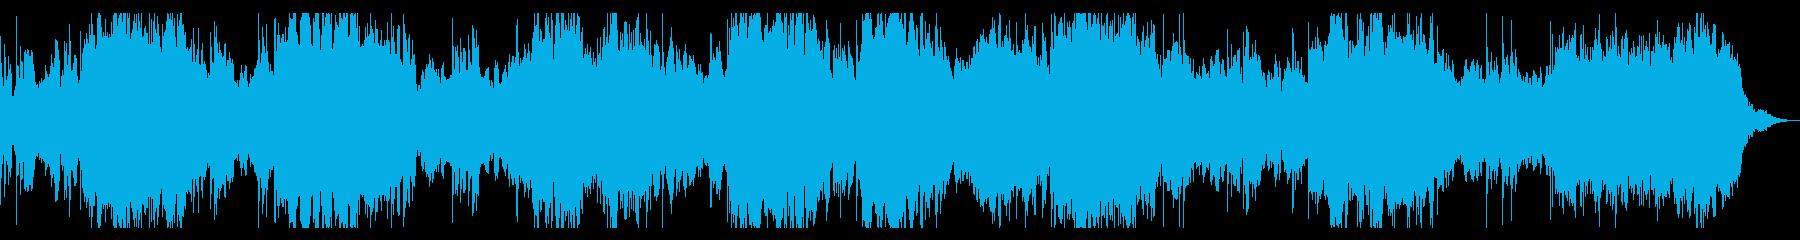 ベース入りミステリアス、ダークなBGMの再生済みの波形